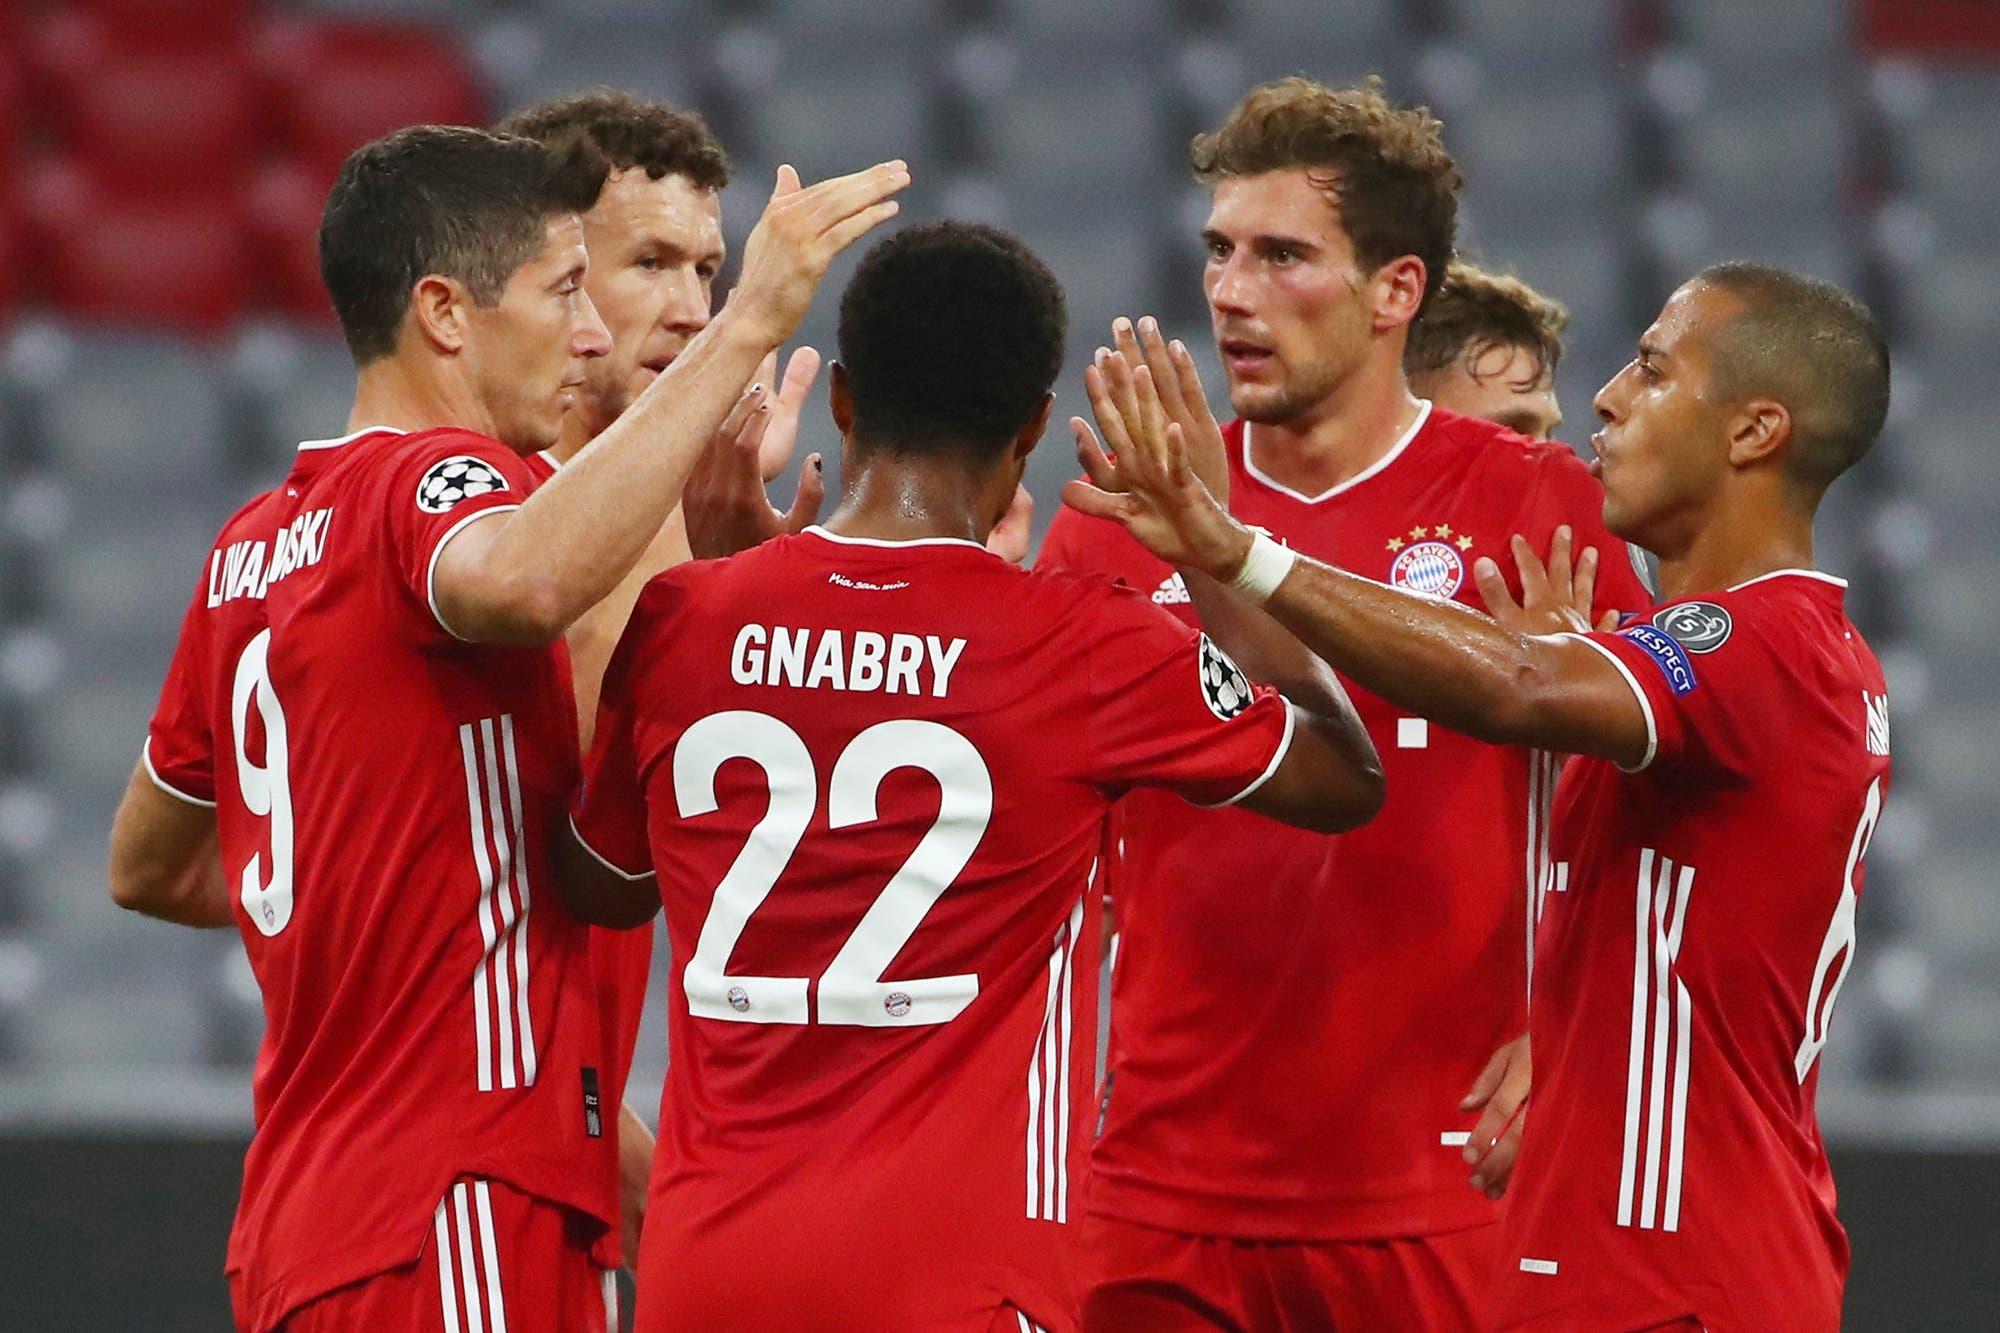 Bayern Munich-Chelsea, Champions League: el equipo alemán liquidó la serie con un global de 7-1 y avanzó a cuartos, donde lo espera Barcelona